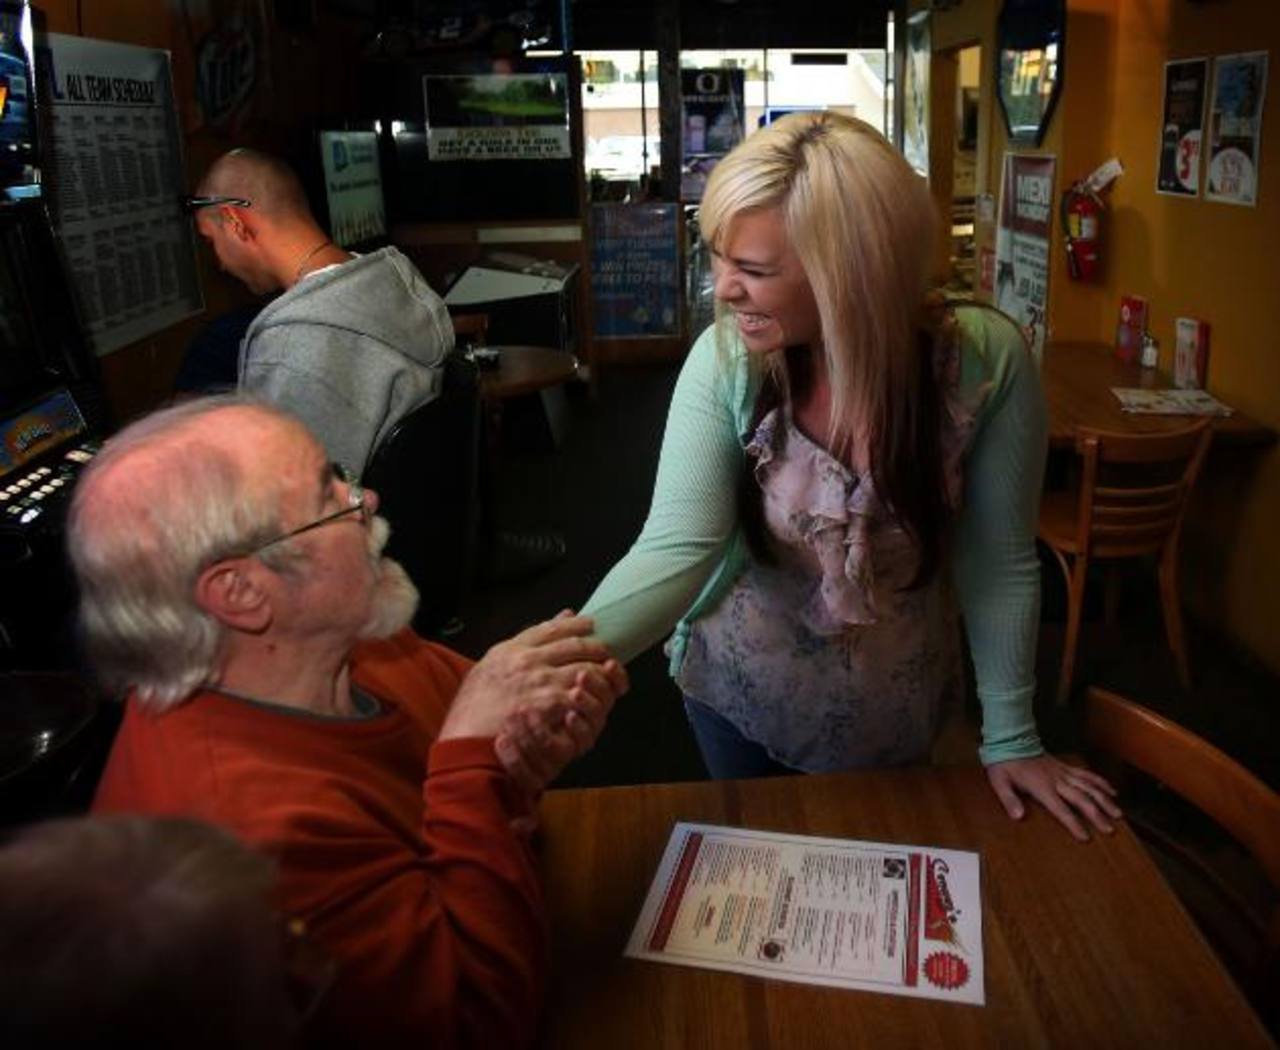 Uno de los clientes felicita a la afortunada Aurora Kephart